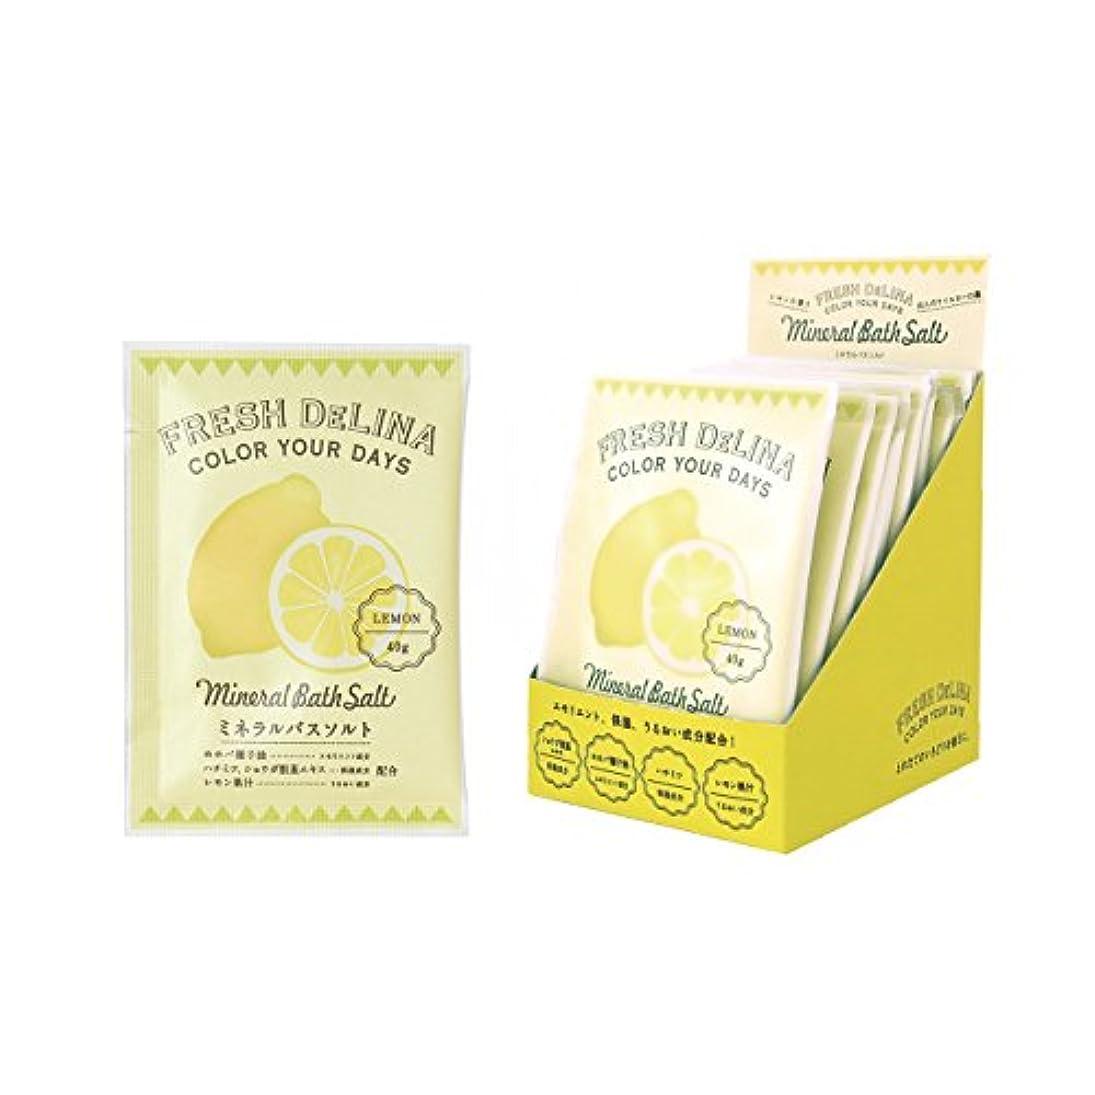 続ける口頭宴会フレッシュデリーナ ミネラルバスソルト40g(レモン) 12個 (海塩タイプ入浴料 日本製 どこかなつかしいフレッシュなレモンの香り)